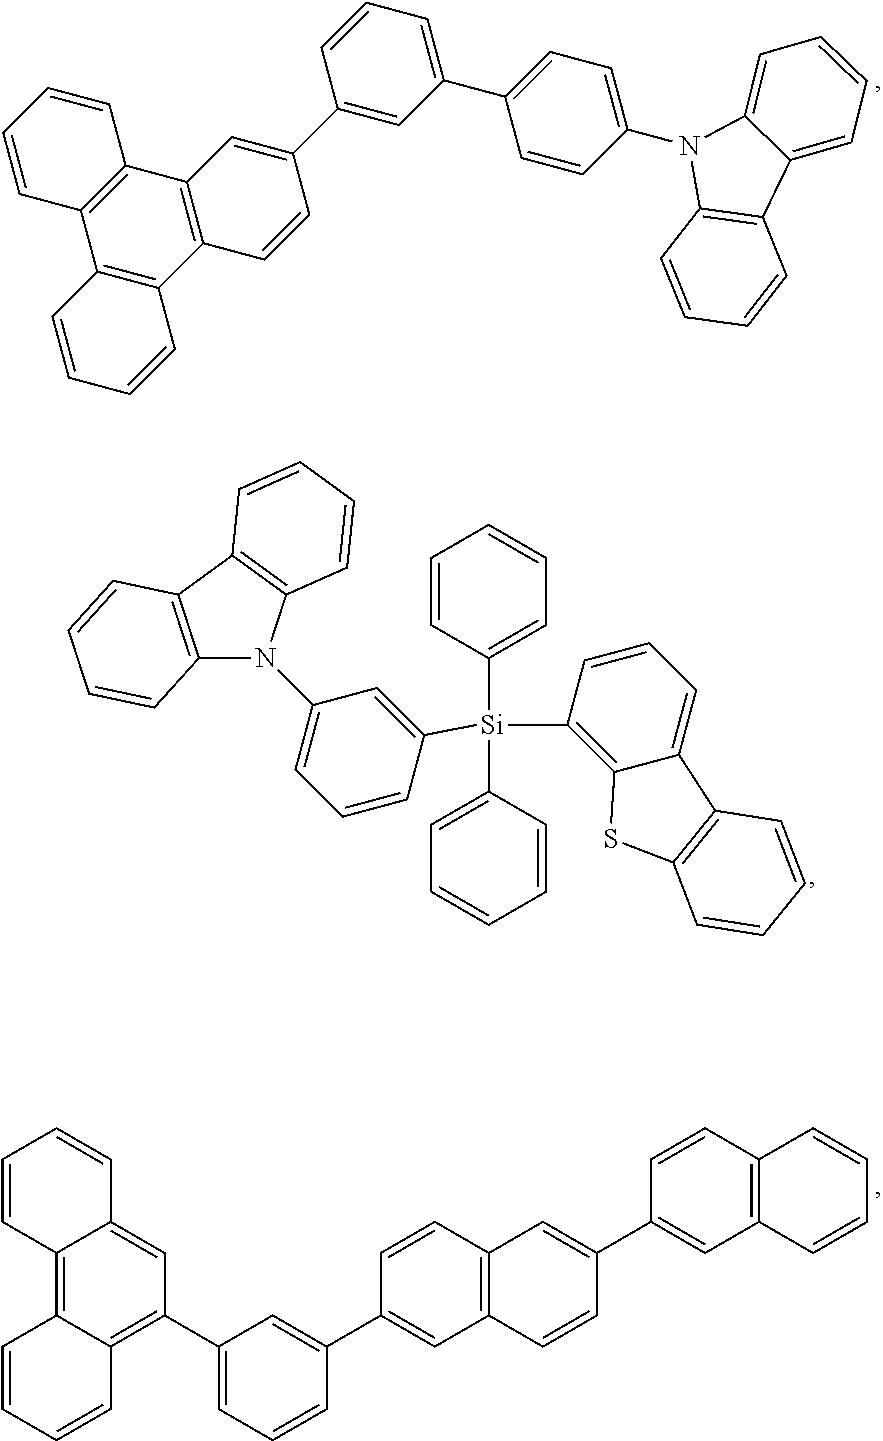 Figure US20180076393A1-20180315-C00057